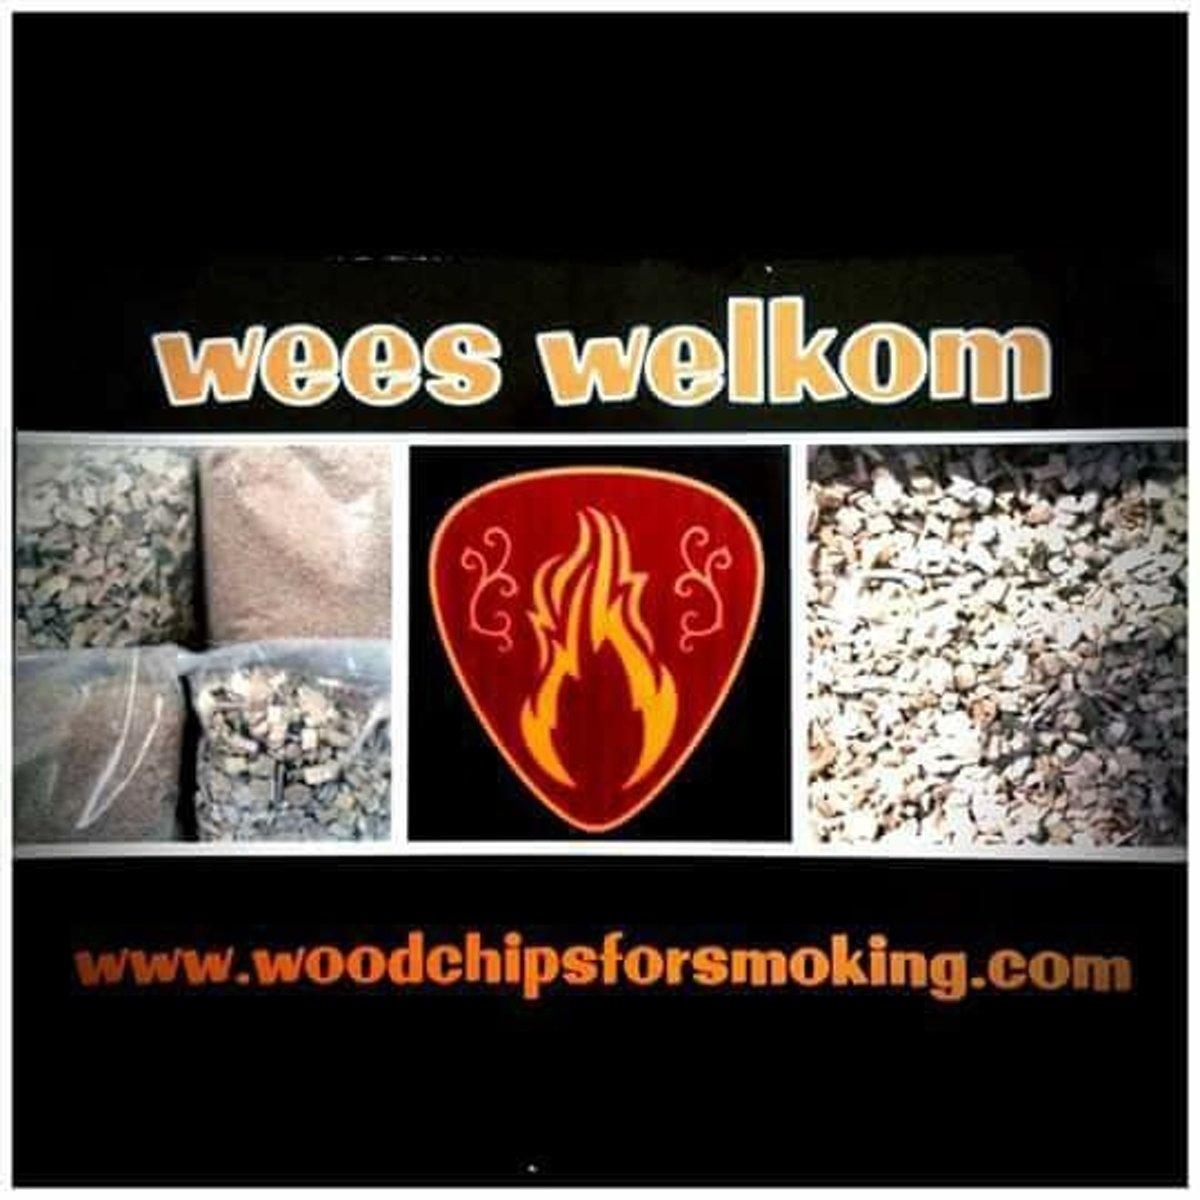 hickoryhout zaagsel voor bbq, smoker en rookoven 20 liter kopen